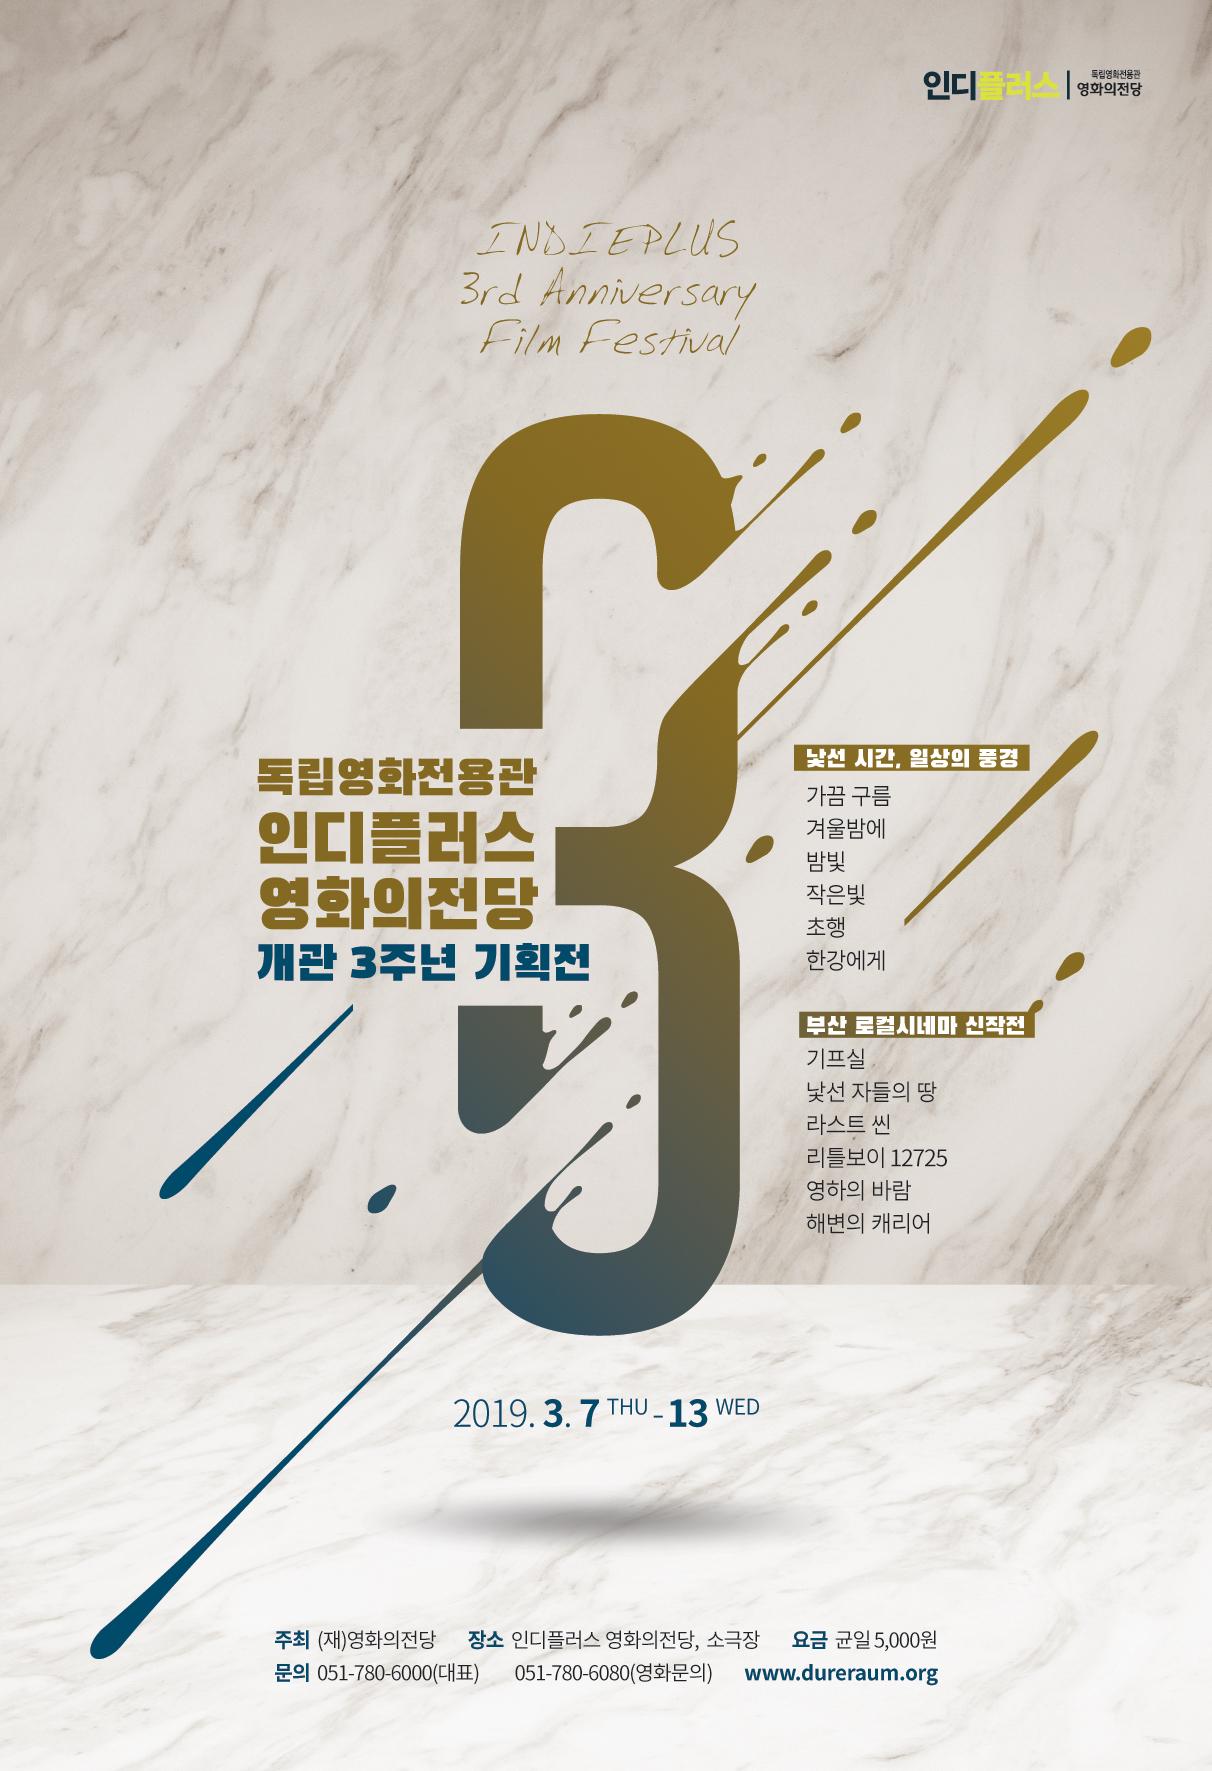 독립영화전용관 인디플러스 영화의전당 개관 3주년 기획전